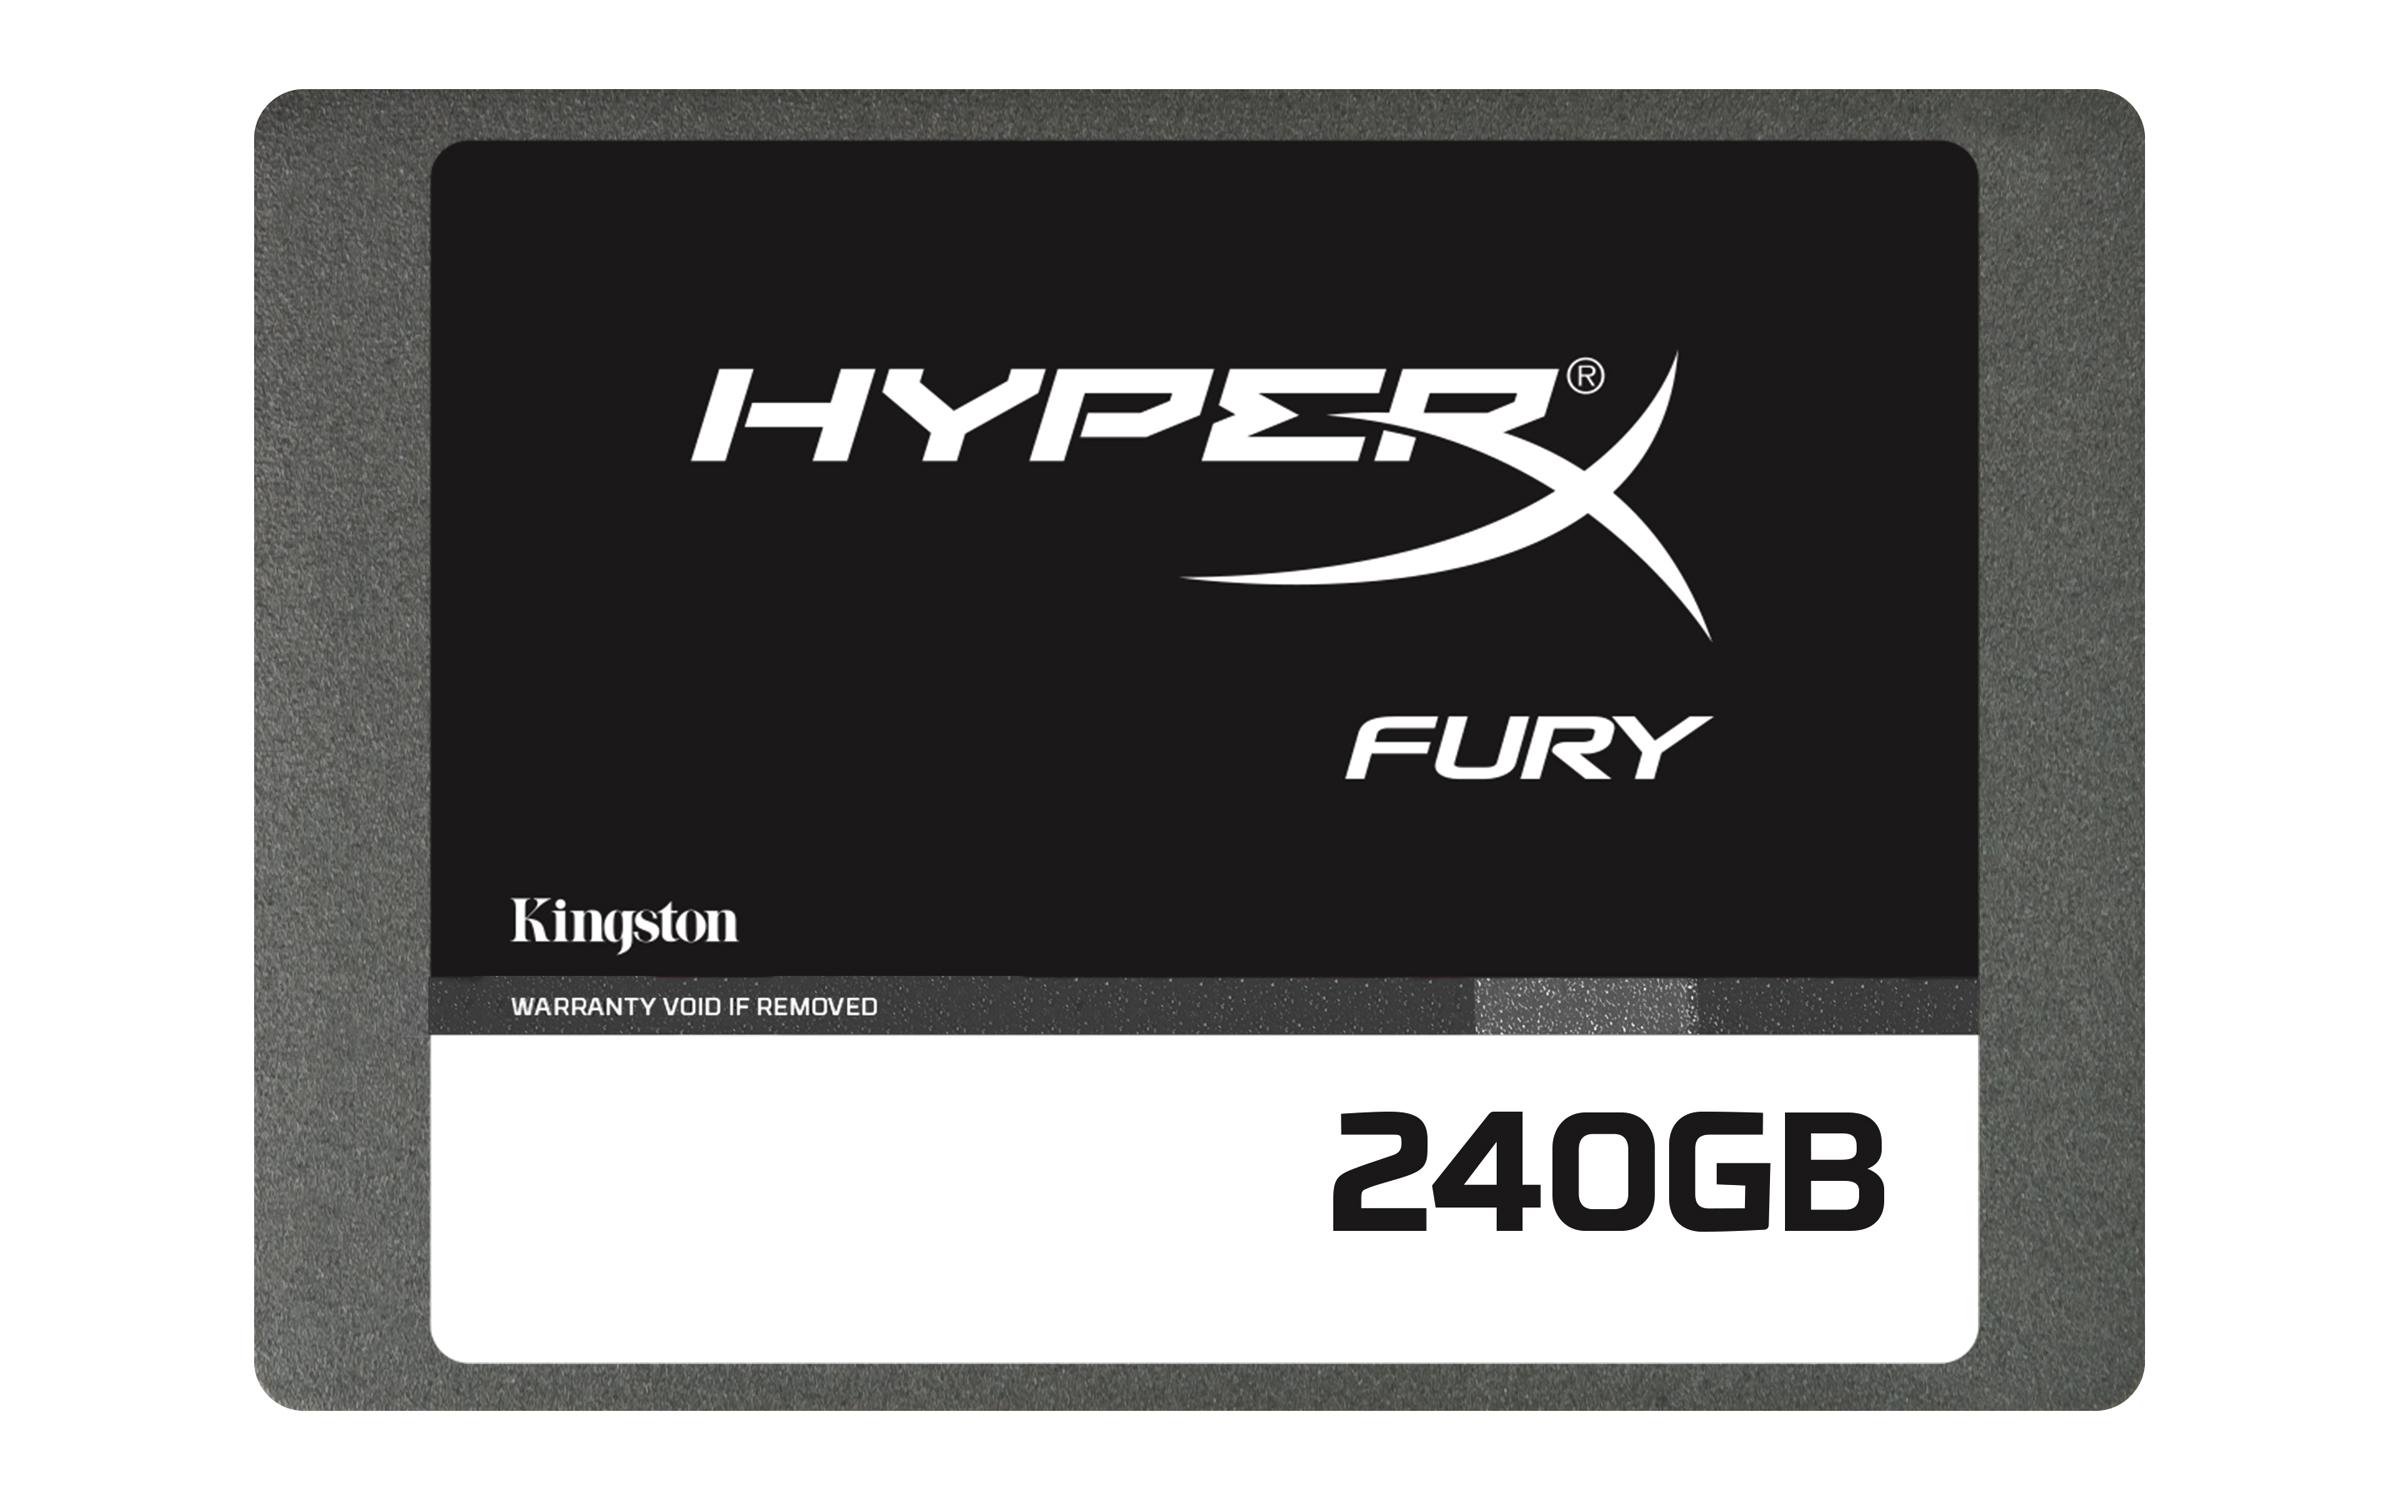 HyperX FURY SSD 240GB 240GB